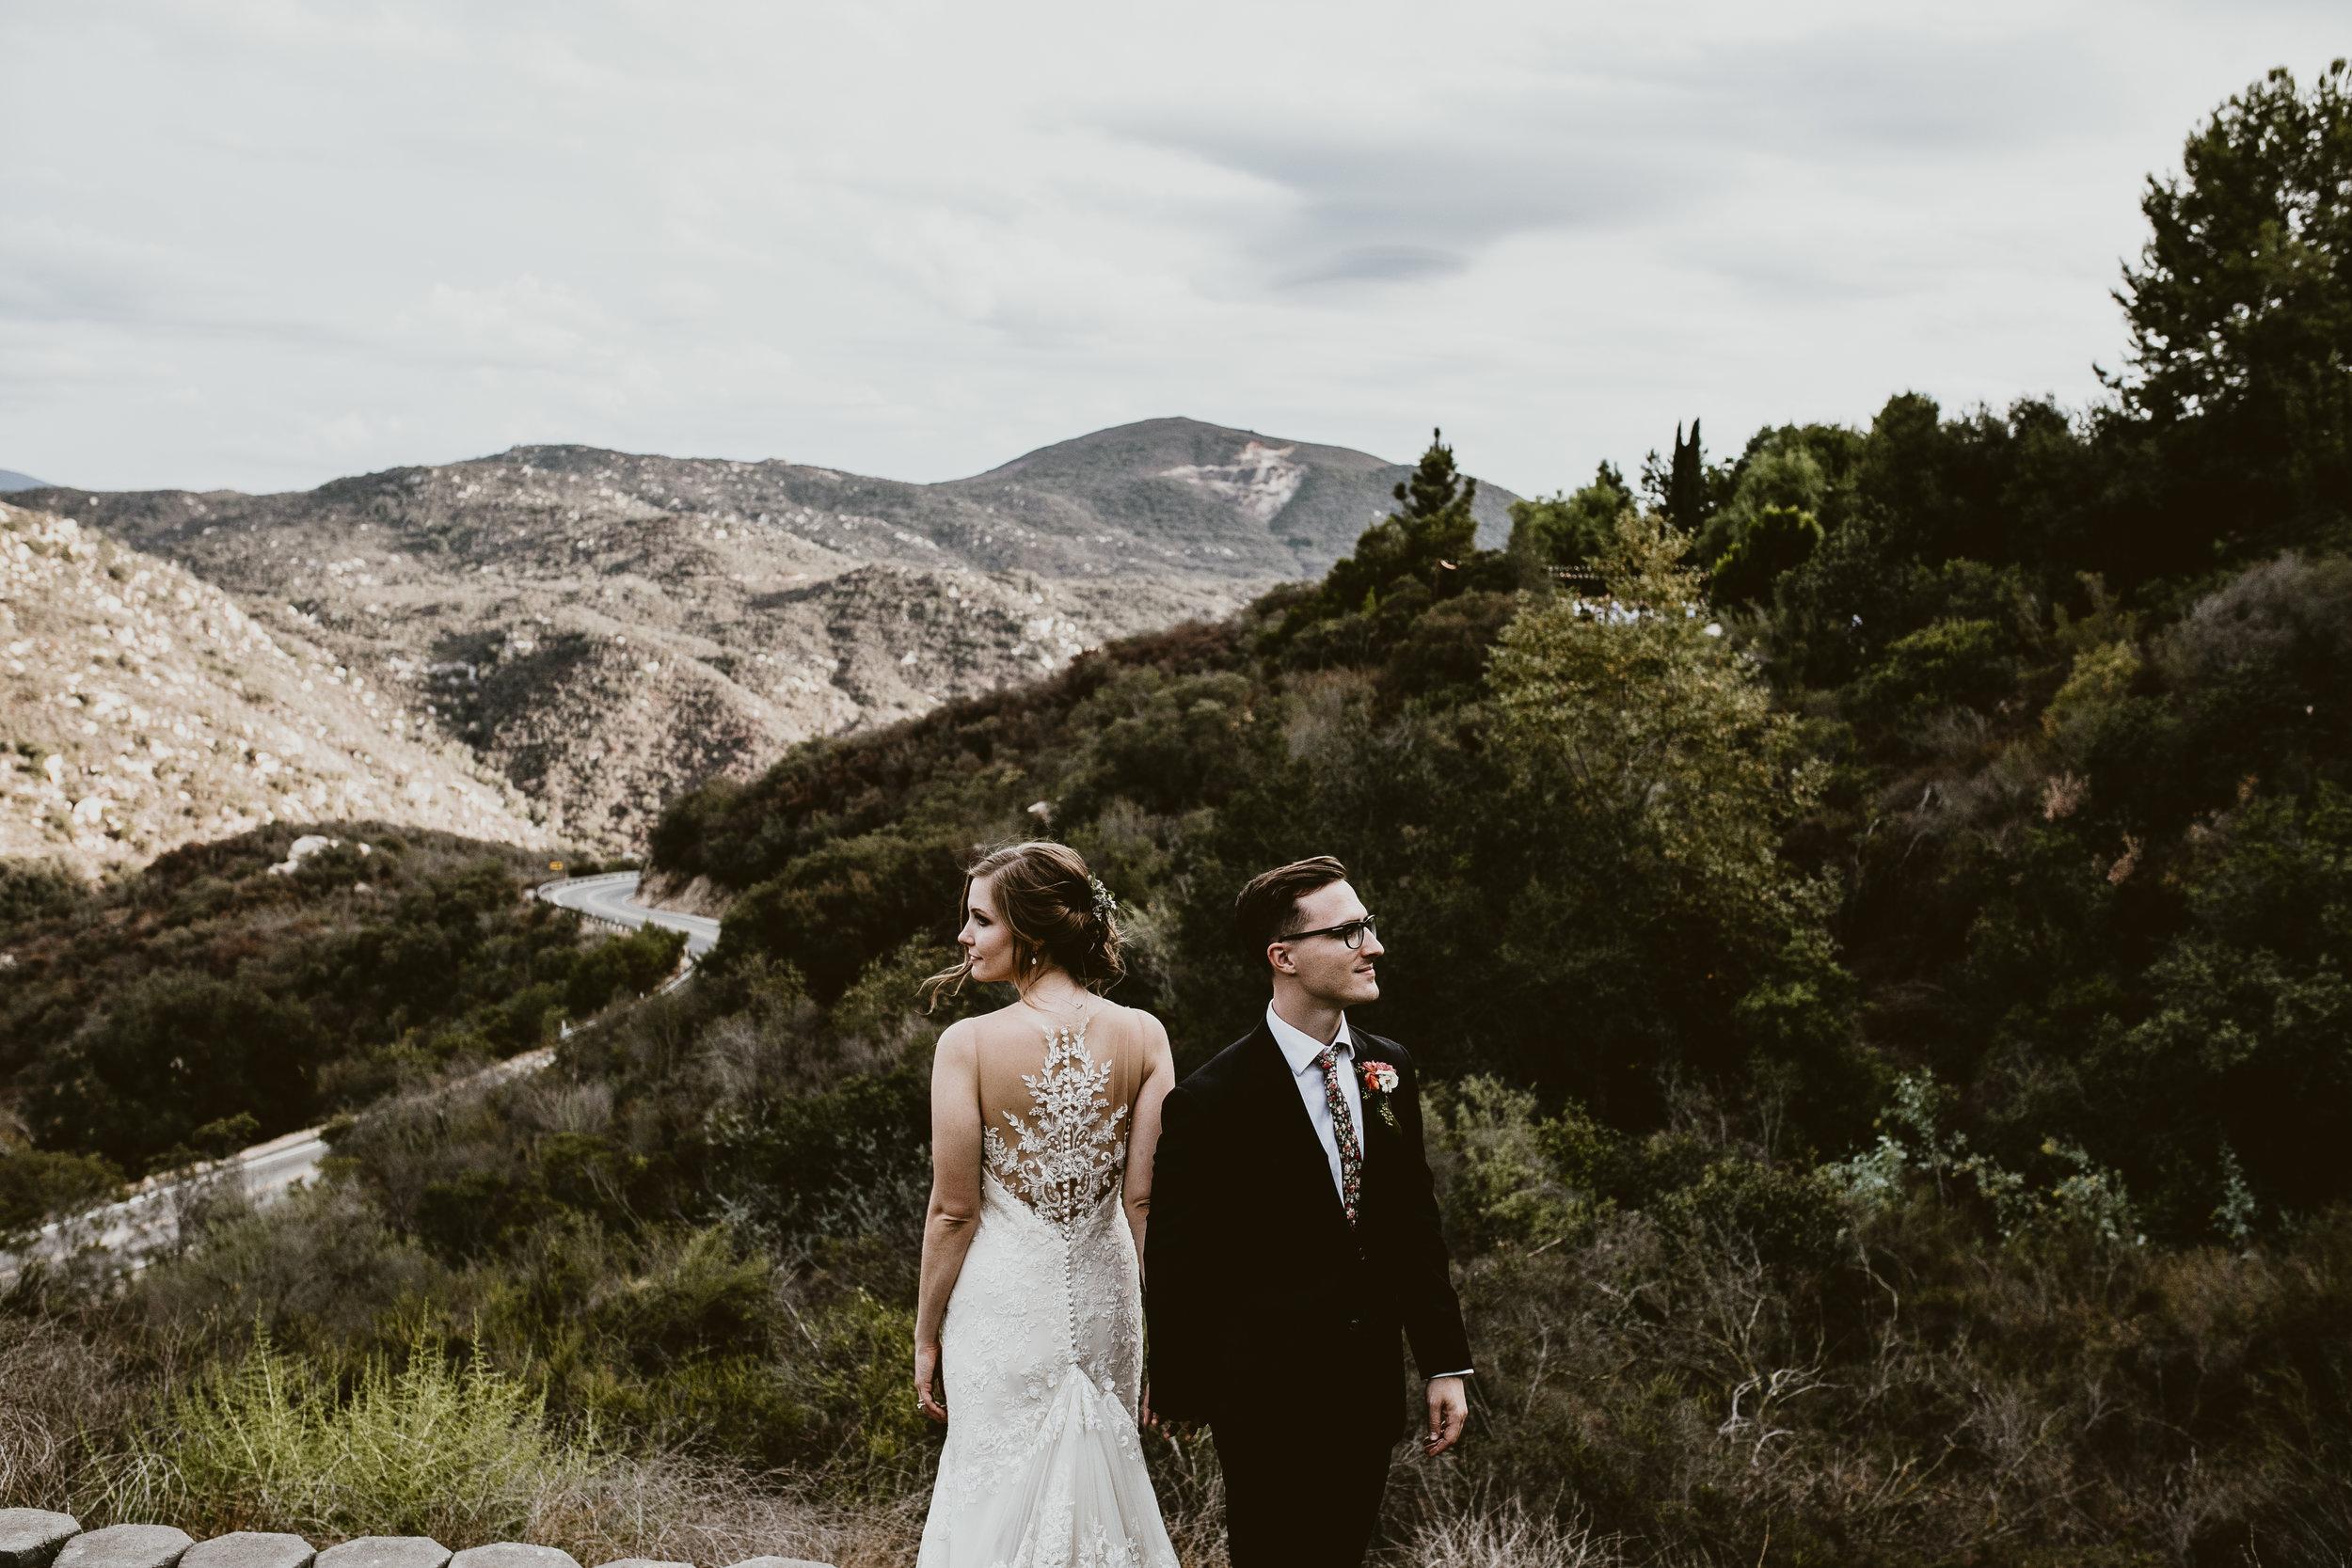 Temecula_Amy+Curt_Wedding_23.jpg